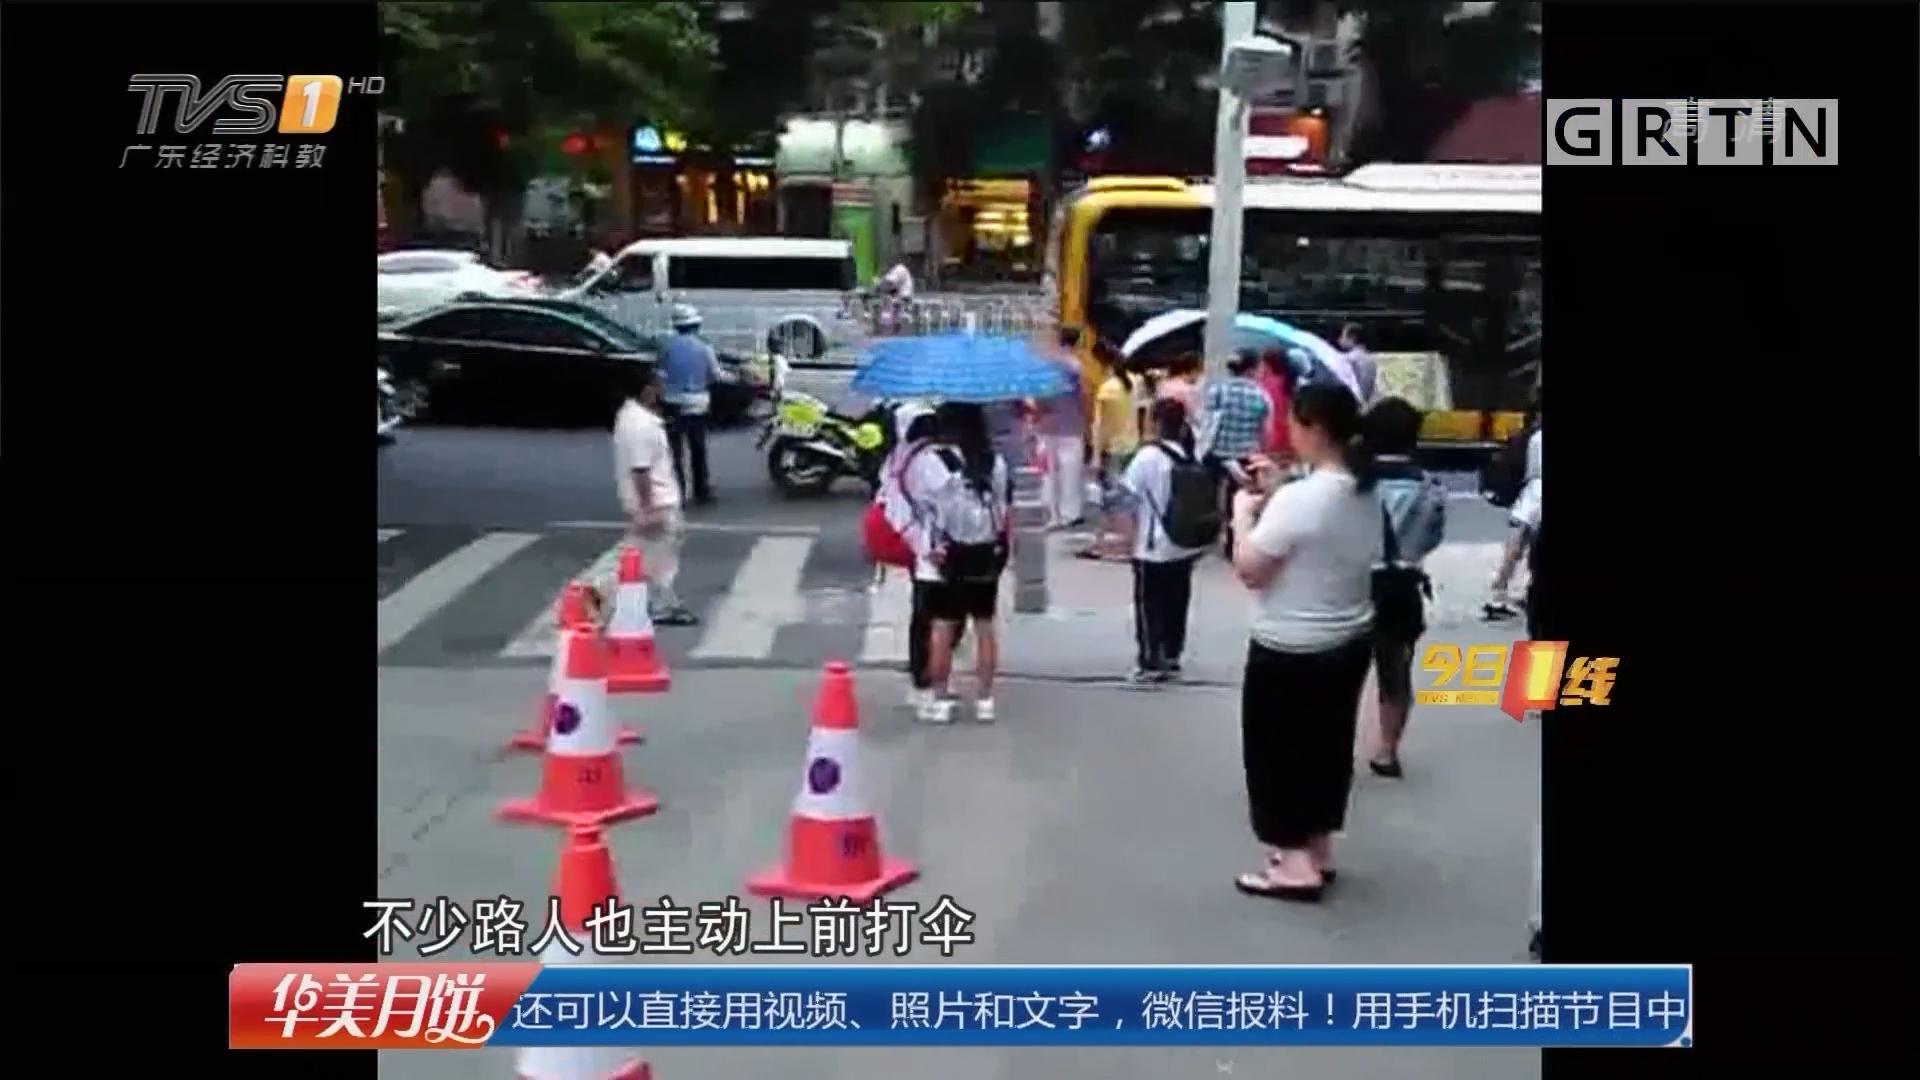 """系列专栏""""温度"""":广州 准妈妈紧急生产 街坊筑""""人墙产房"""""""